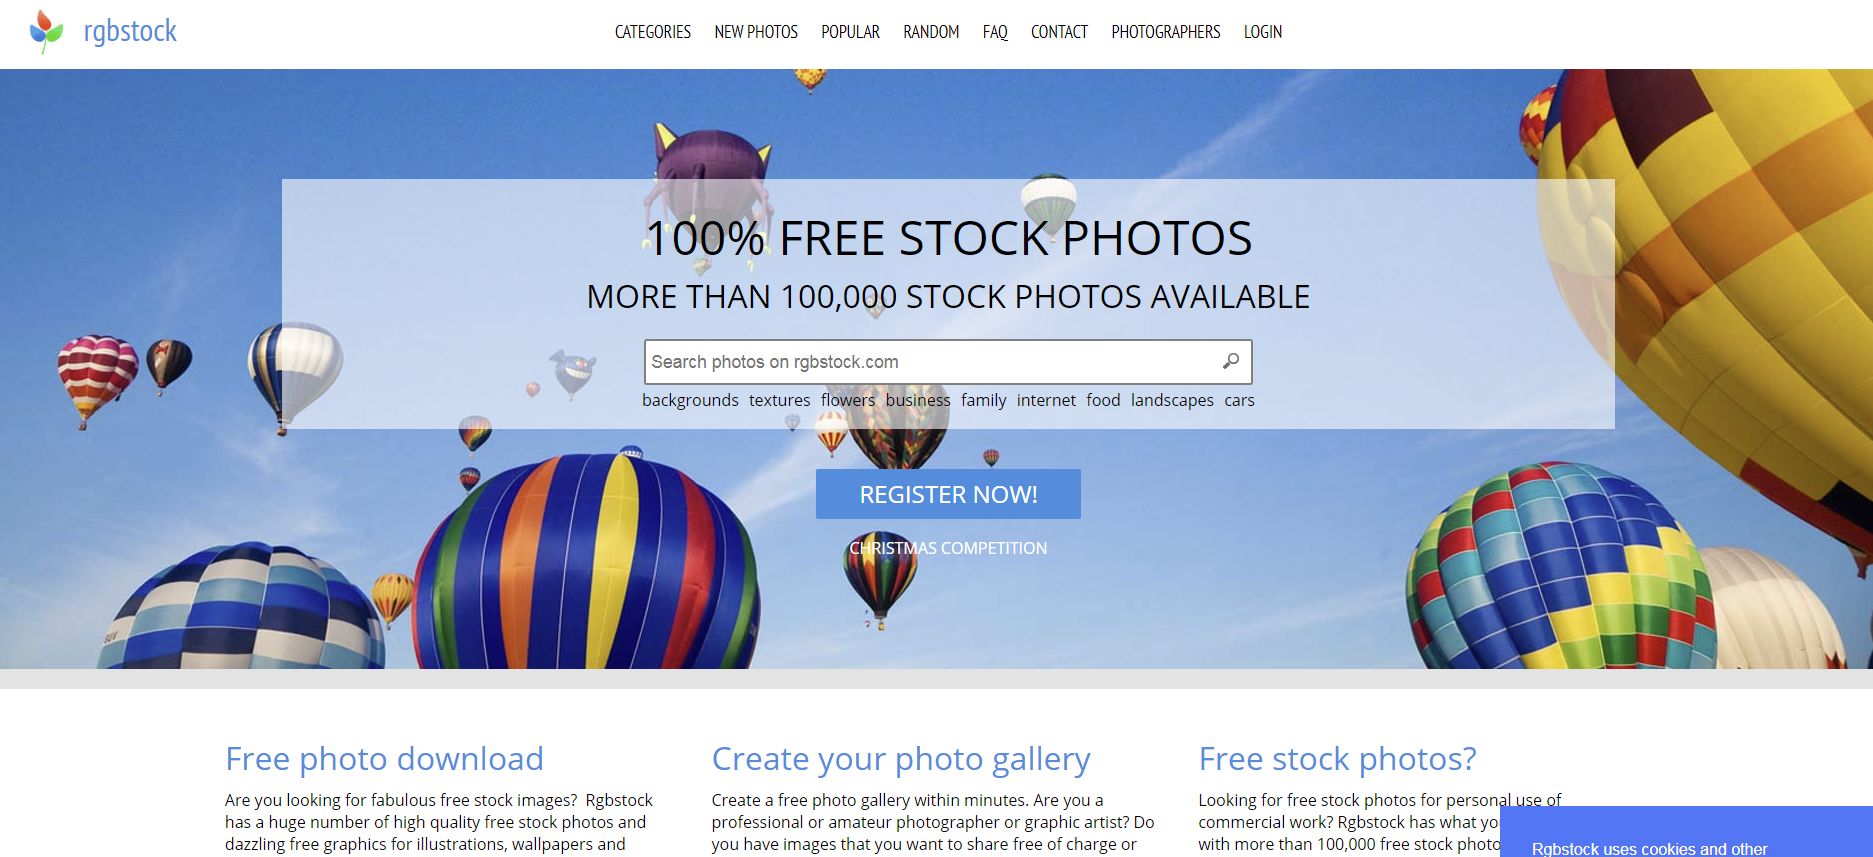 rgb stock, jogtiszta fotók, ingyenes fotók, jogtiszta képek, ingyenes képek, ingyenes png ábrák, ingyenes háttérképek, ingyenes logó